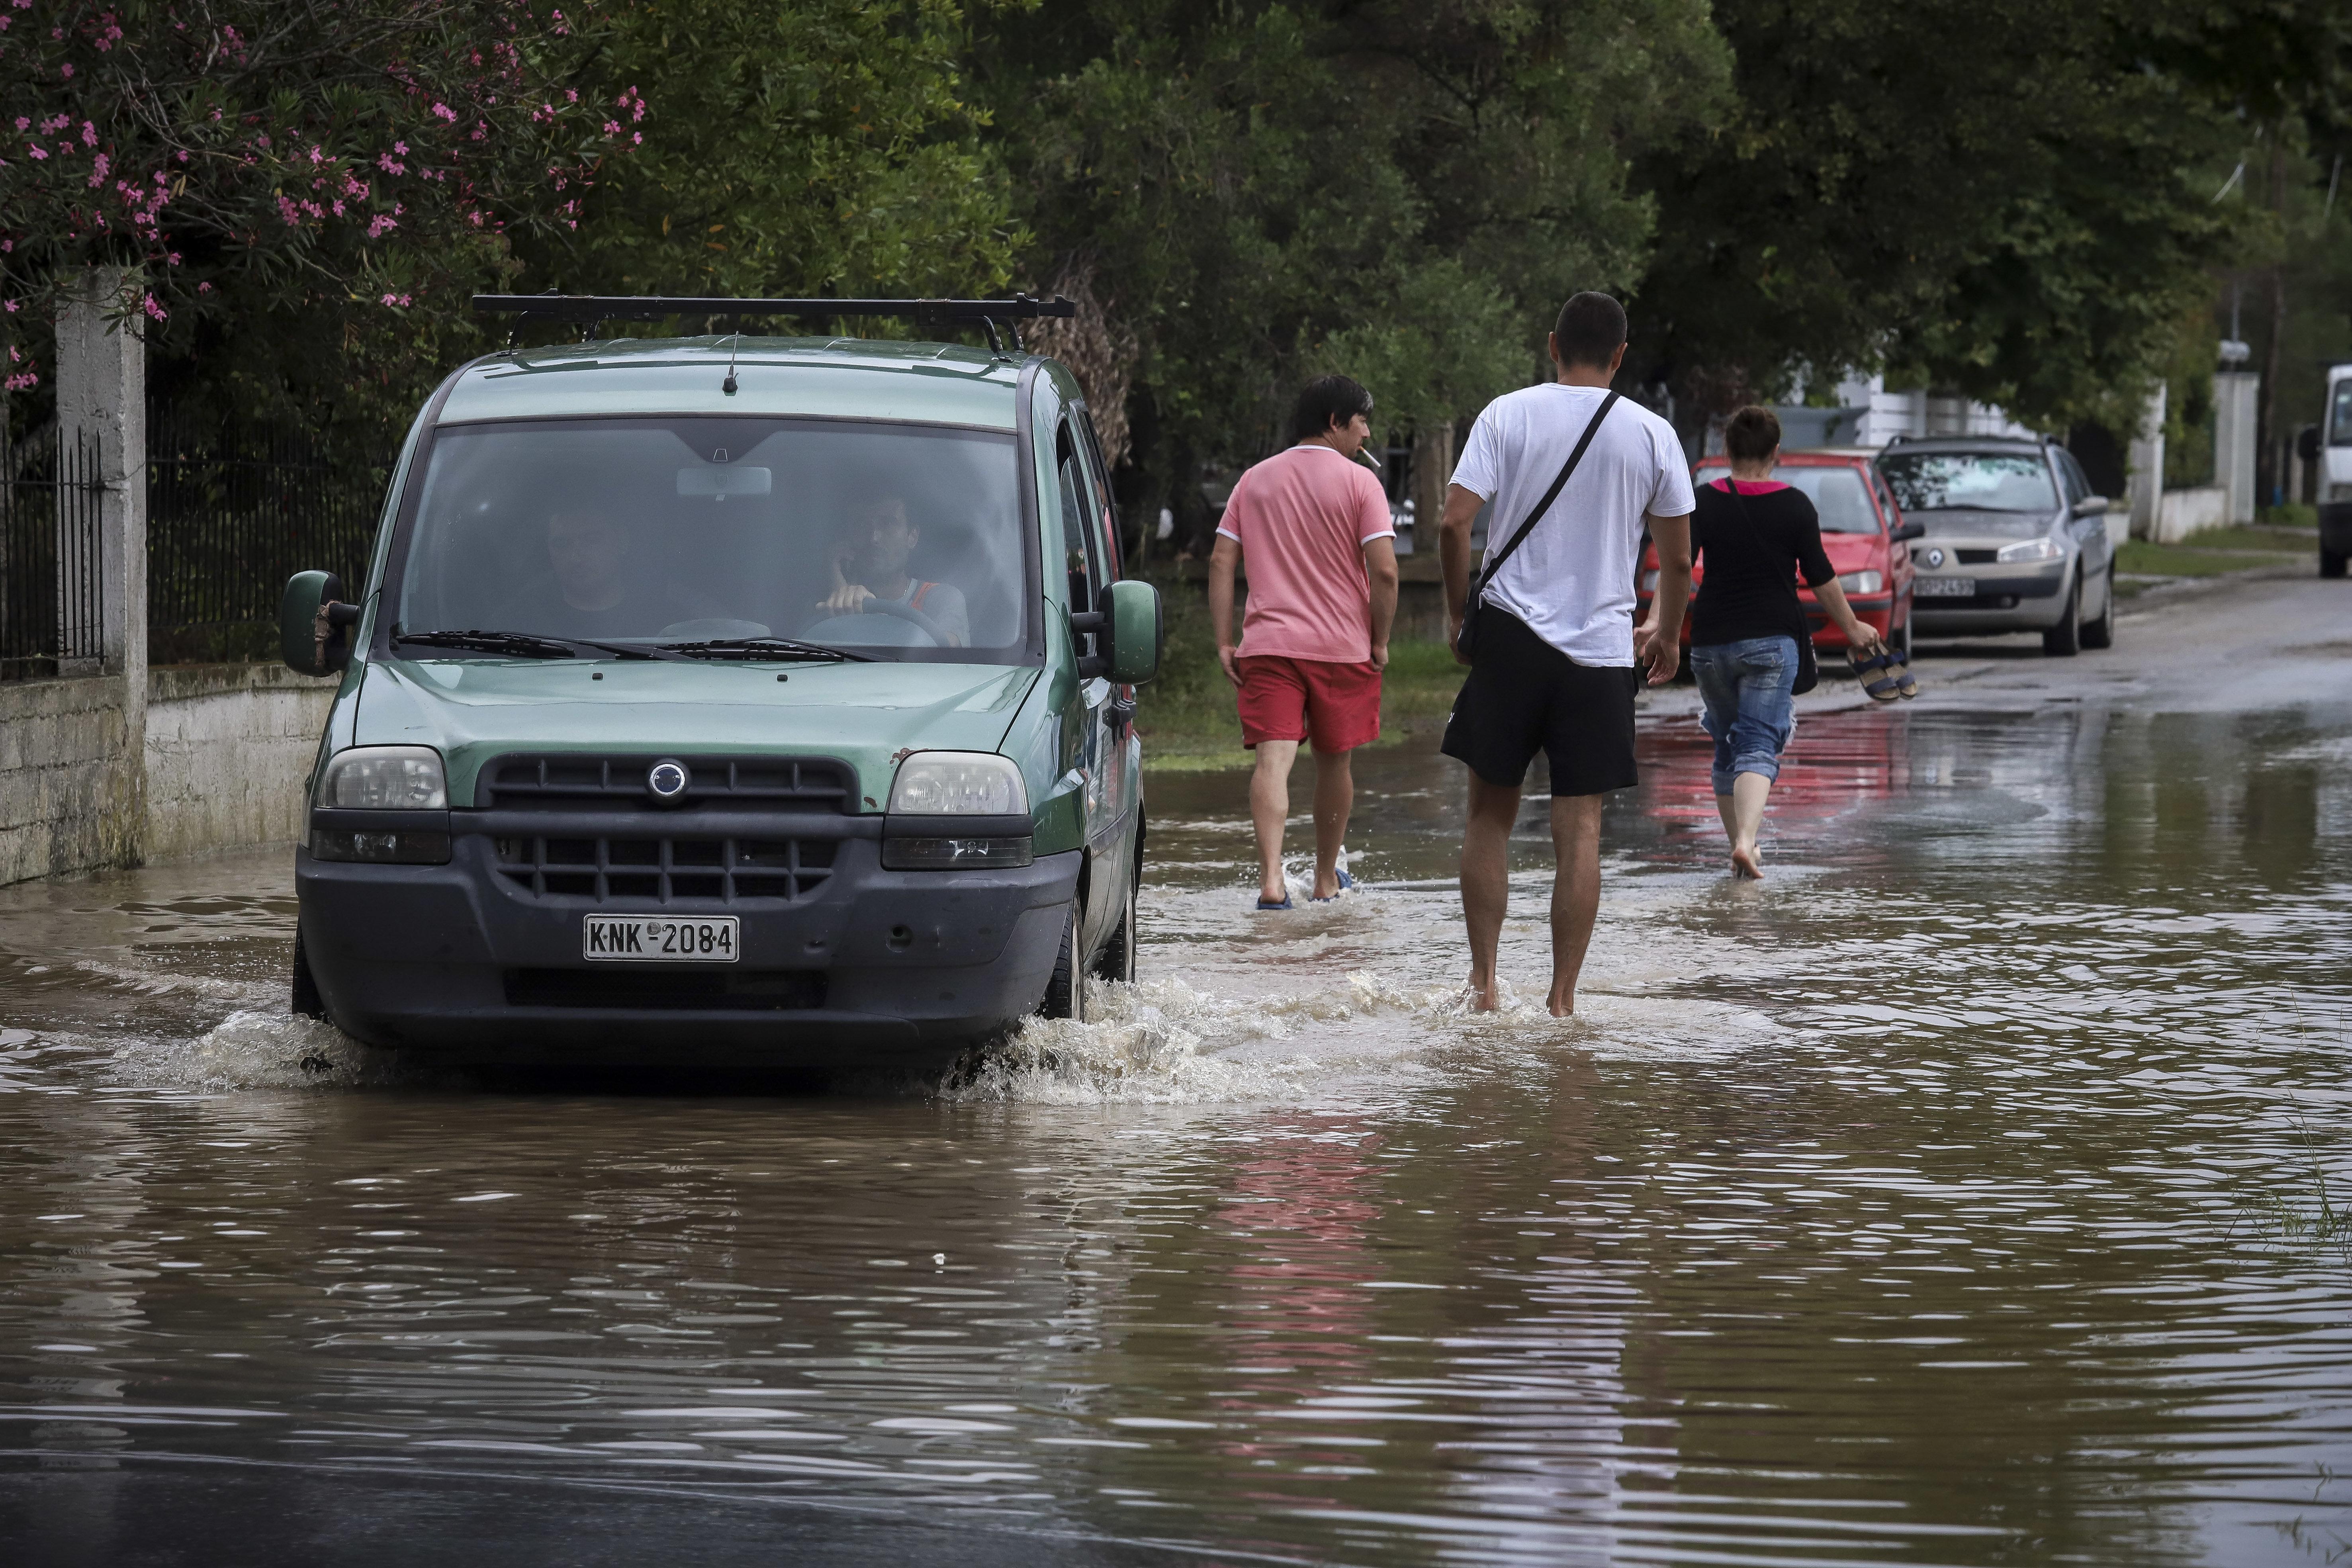 Η επόμενη μέρα της κακοκαιρίας: «Πολύ το νερό για να το αντέξουν αυτά τα αντιπλημμυρικά» λένε κάτοικοι στα